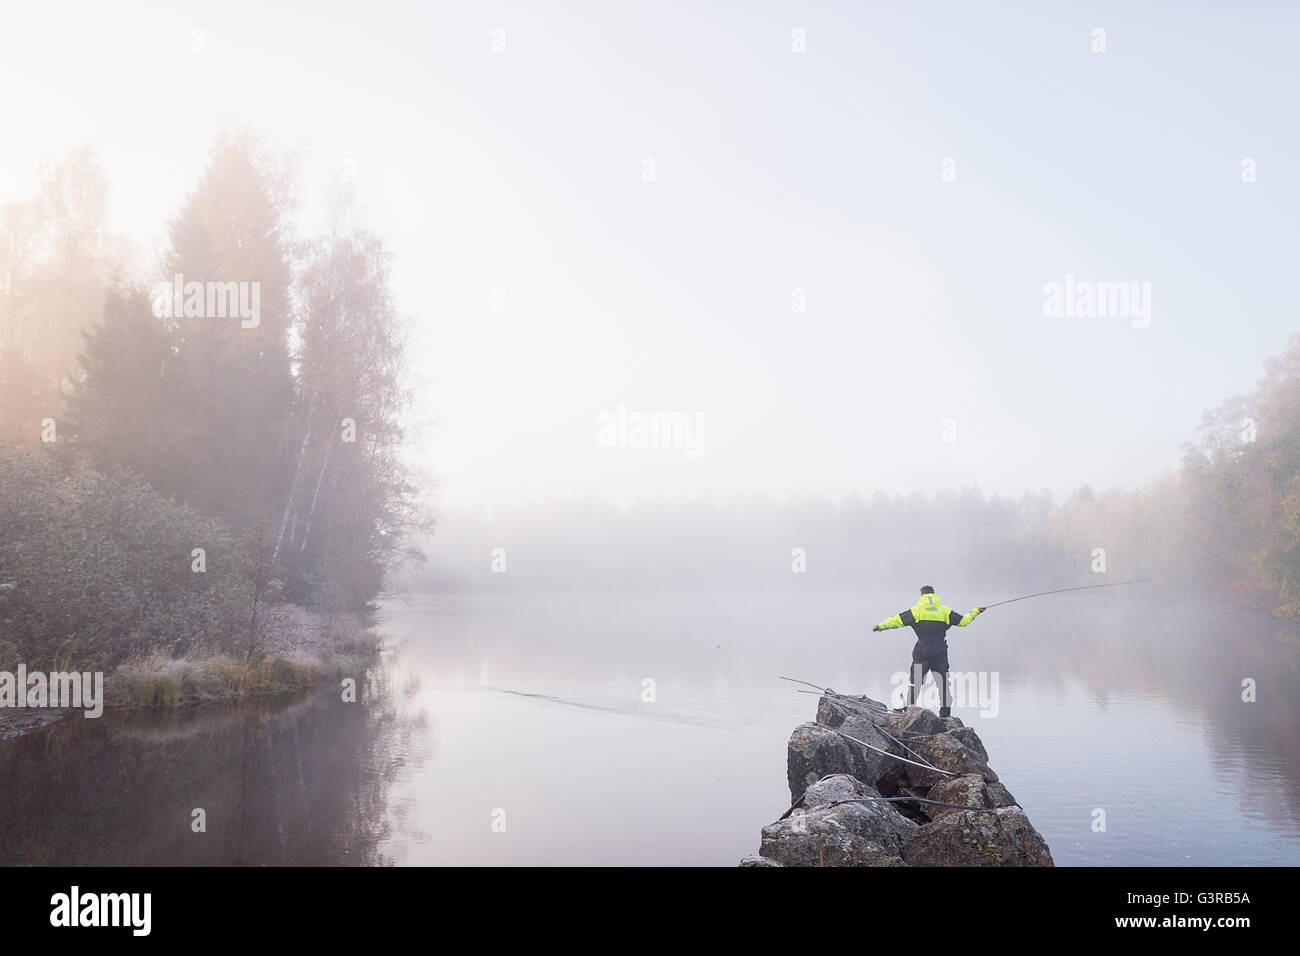 Suecia, Vastmanland, Bergslagen, Torrvarpen, joven la pesca en el lago en día brumoso Imagen De Stock